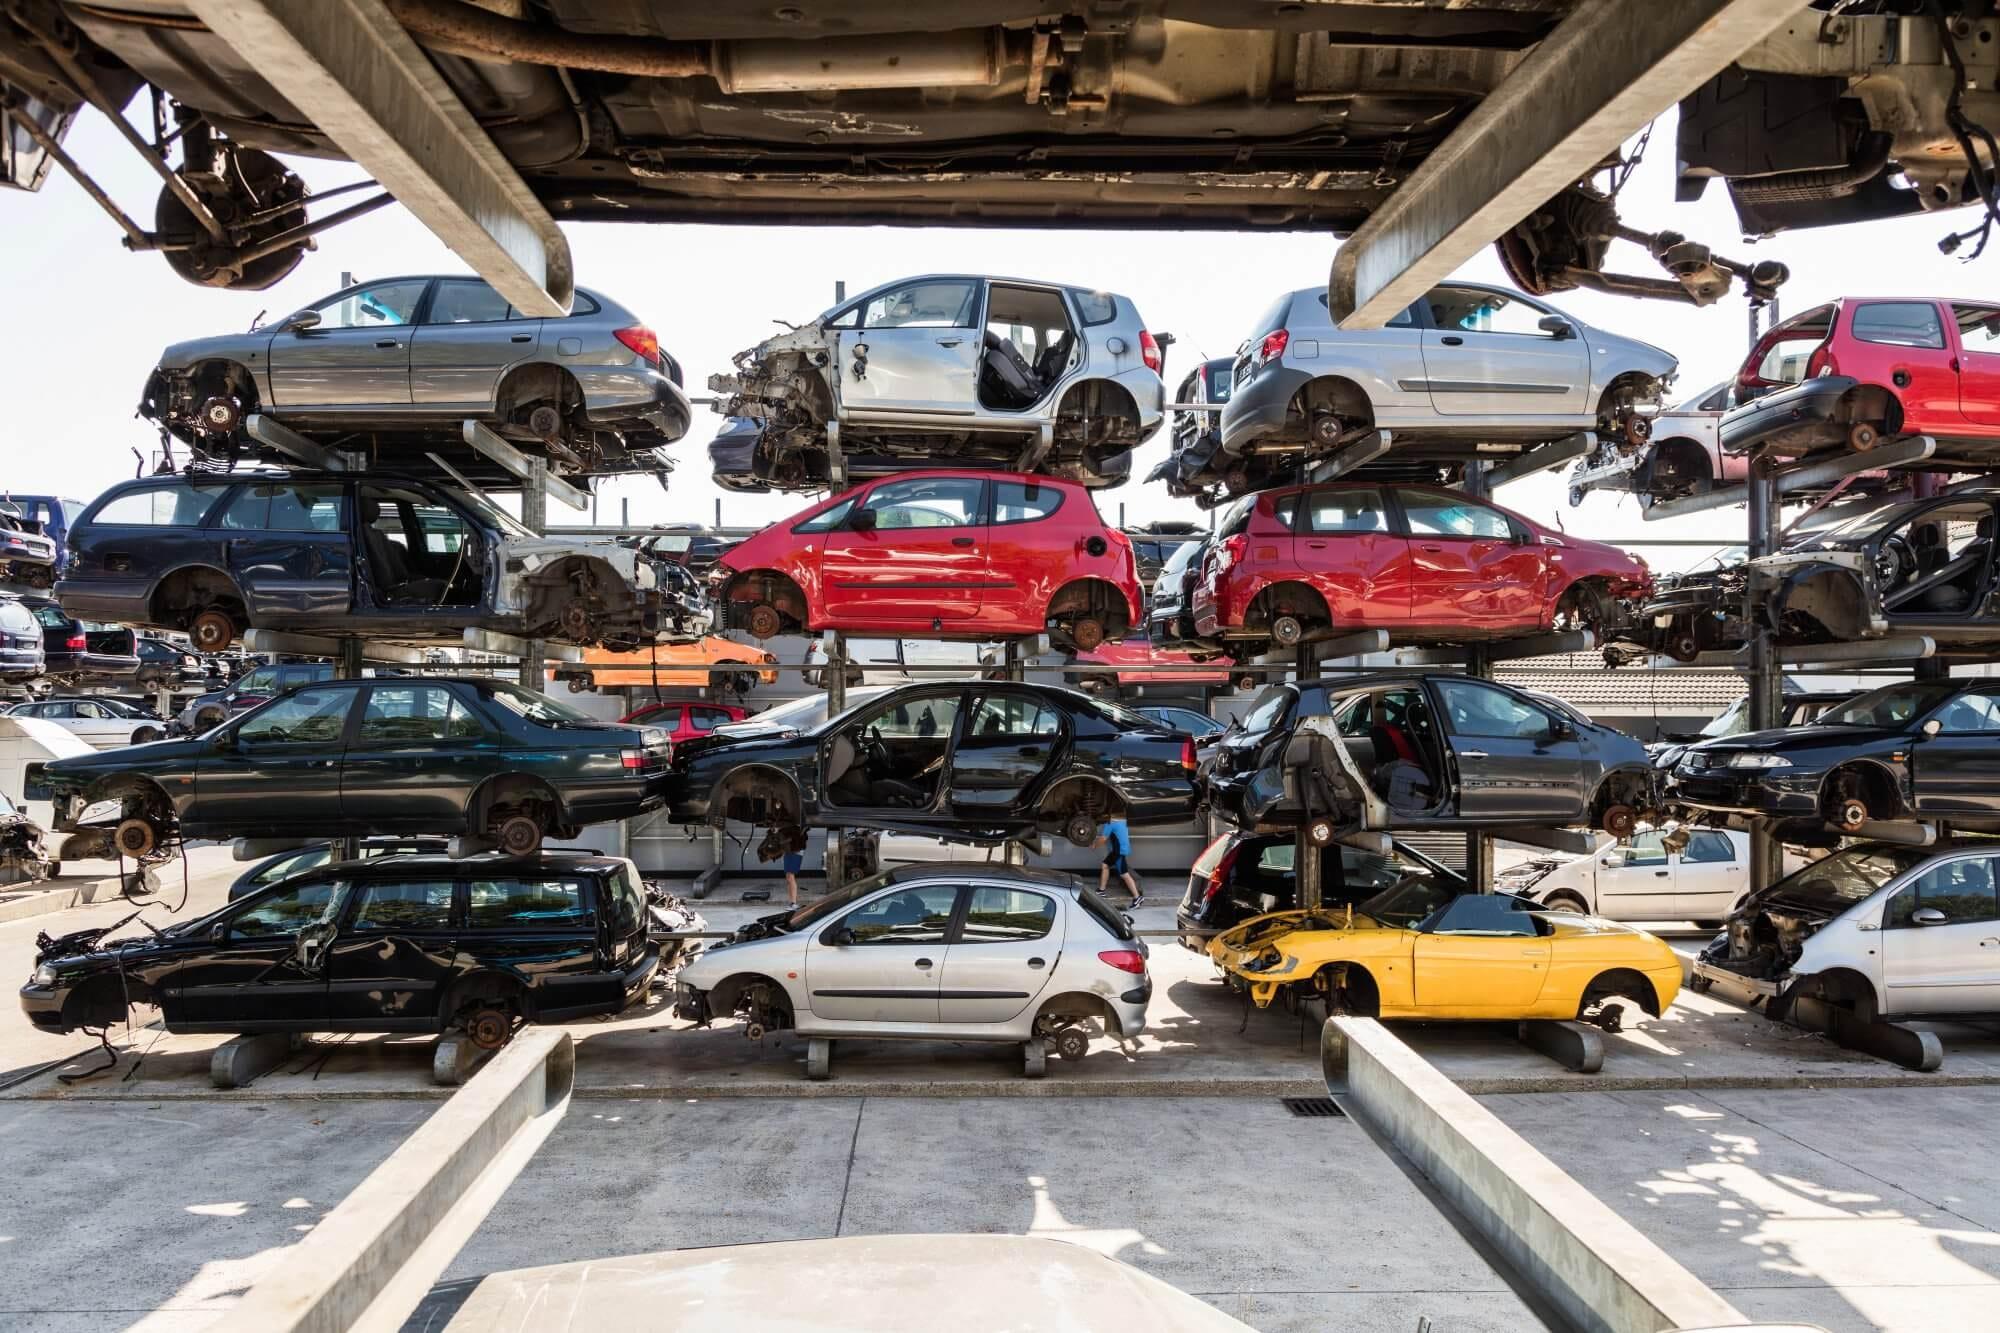 Αυτοκίνητα σε μάντρα